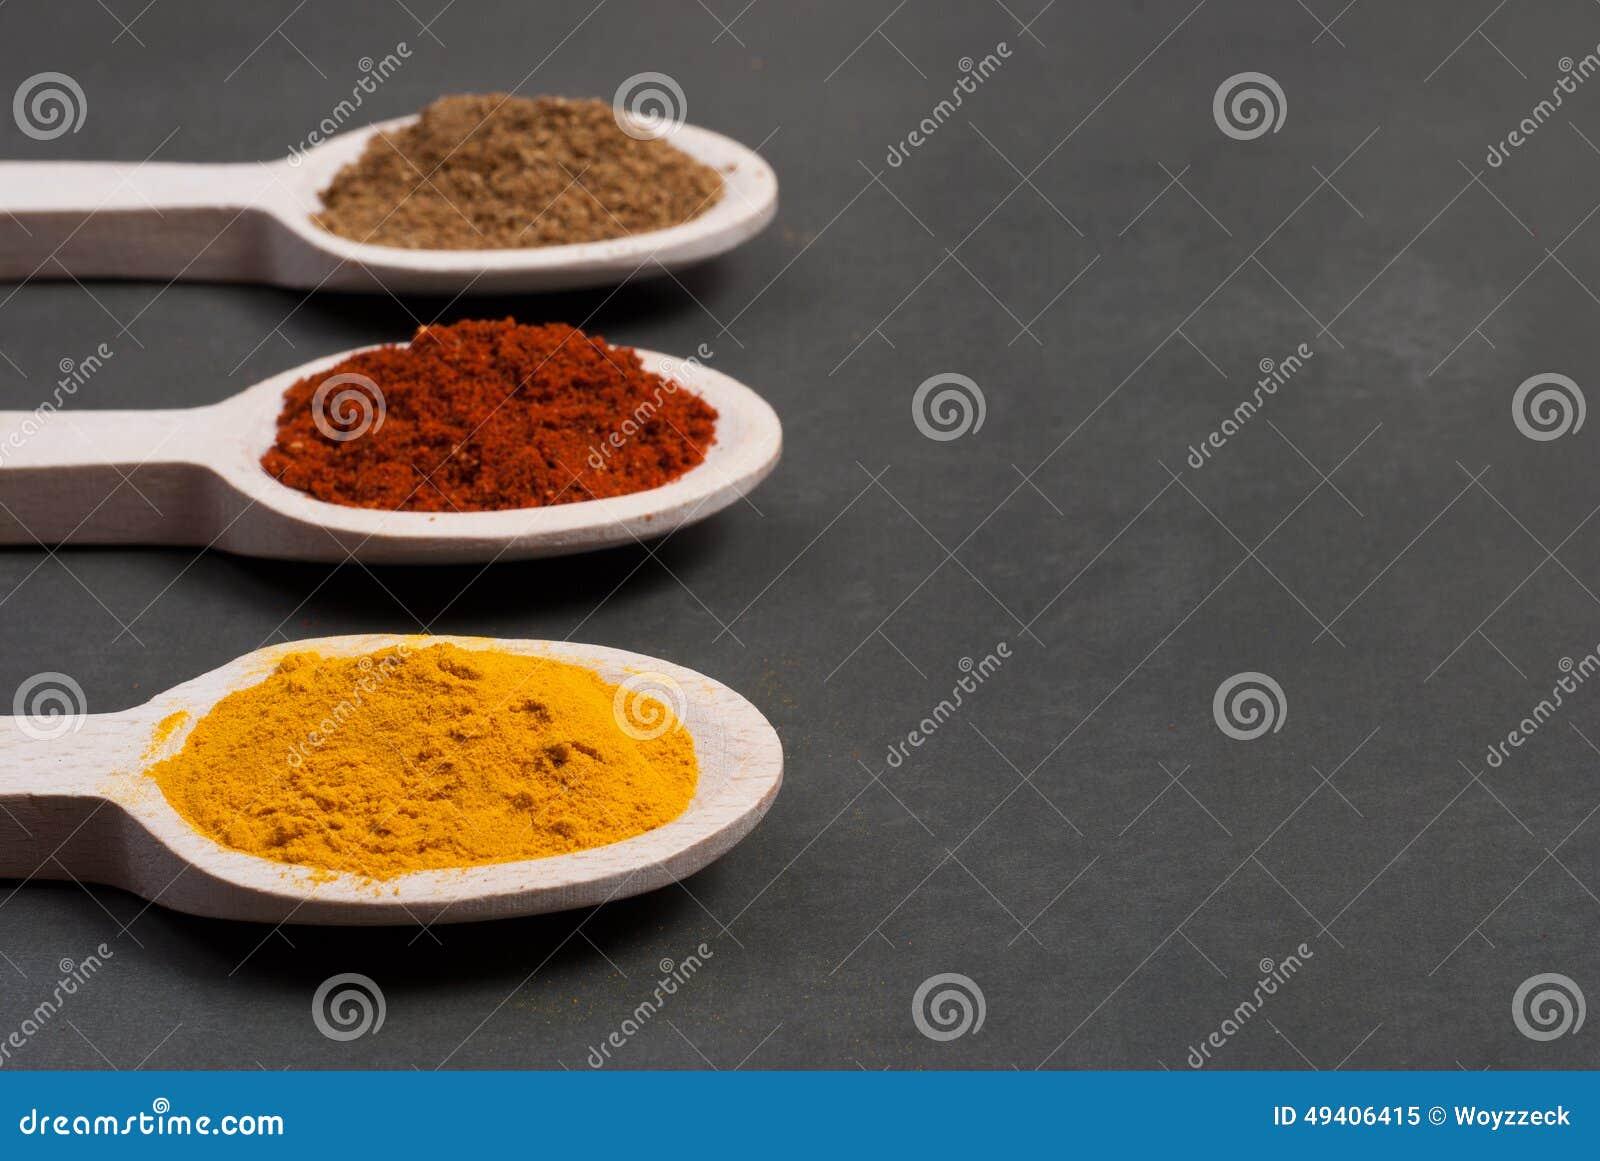 Download Gewürze stockbild. Bild von indisch, aroma, farbe, nahrung - 49406415